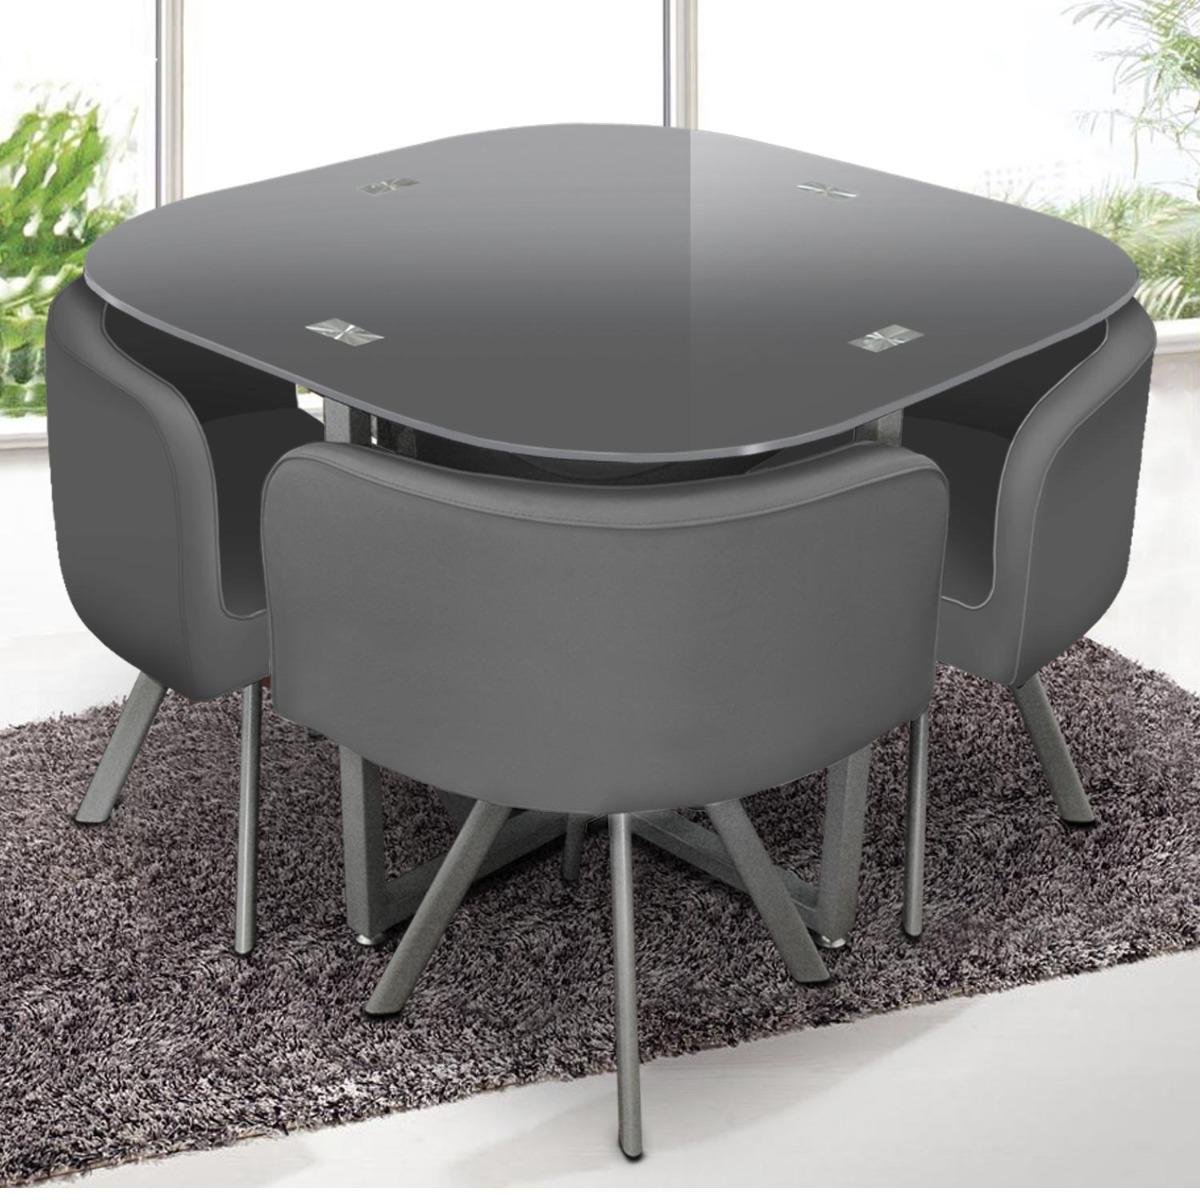 Table et chaises Mosaic 90 Gris